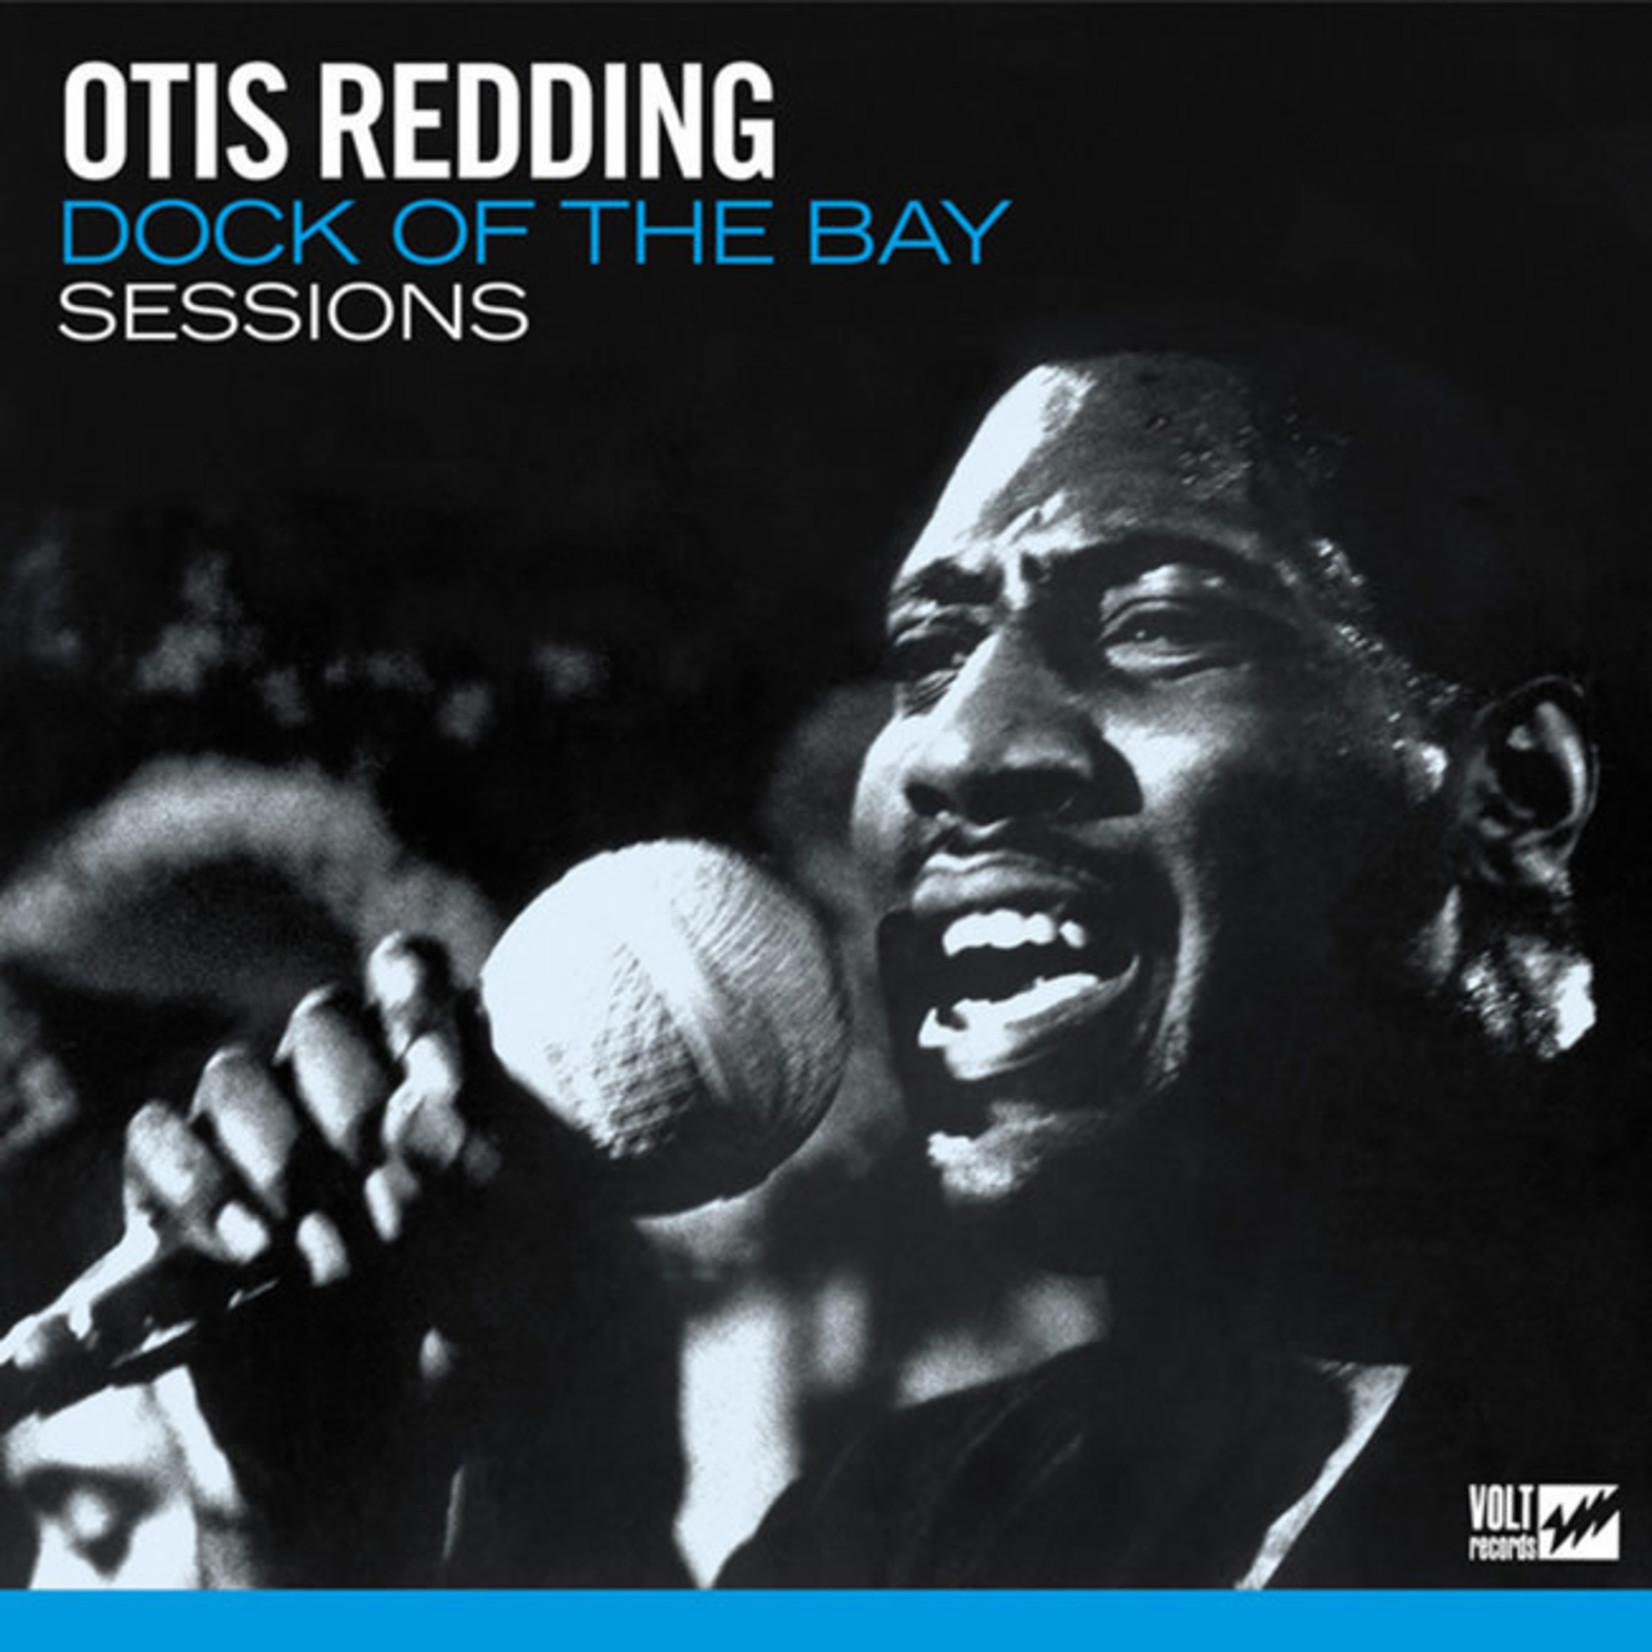 [New] Redding, Otis: Dock Of The Bay Sessions